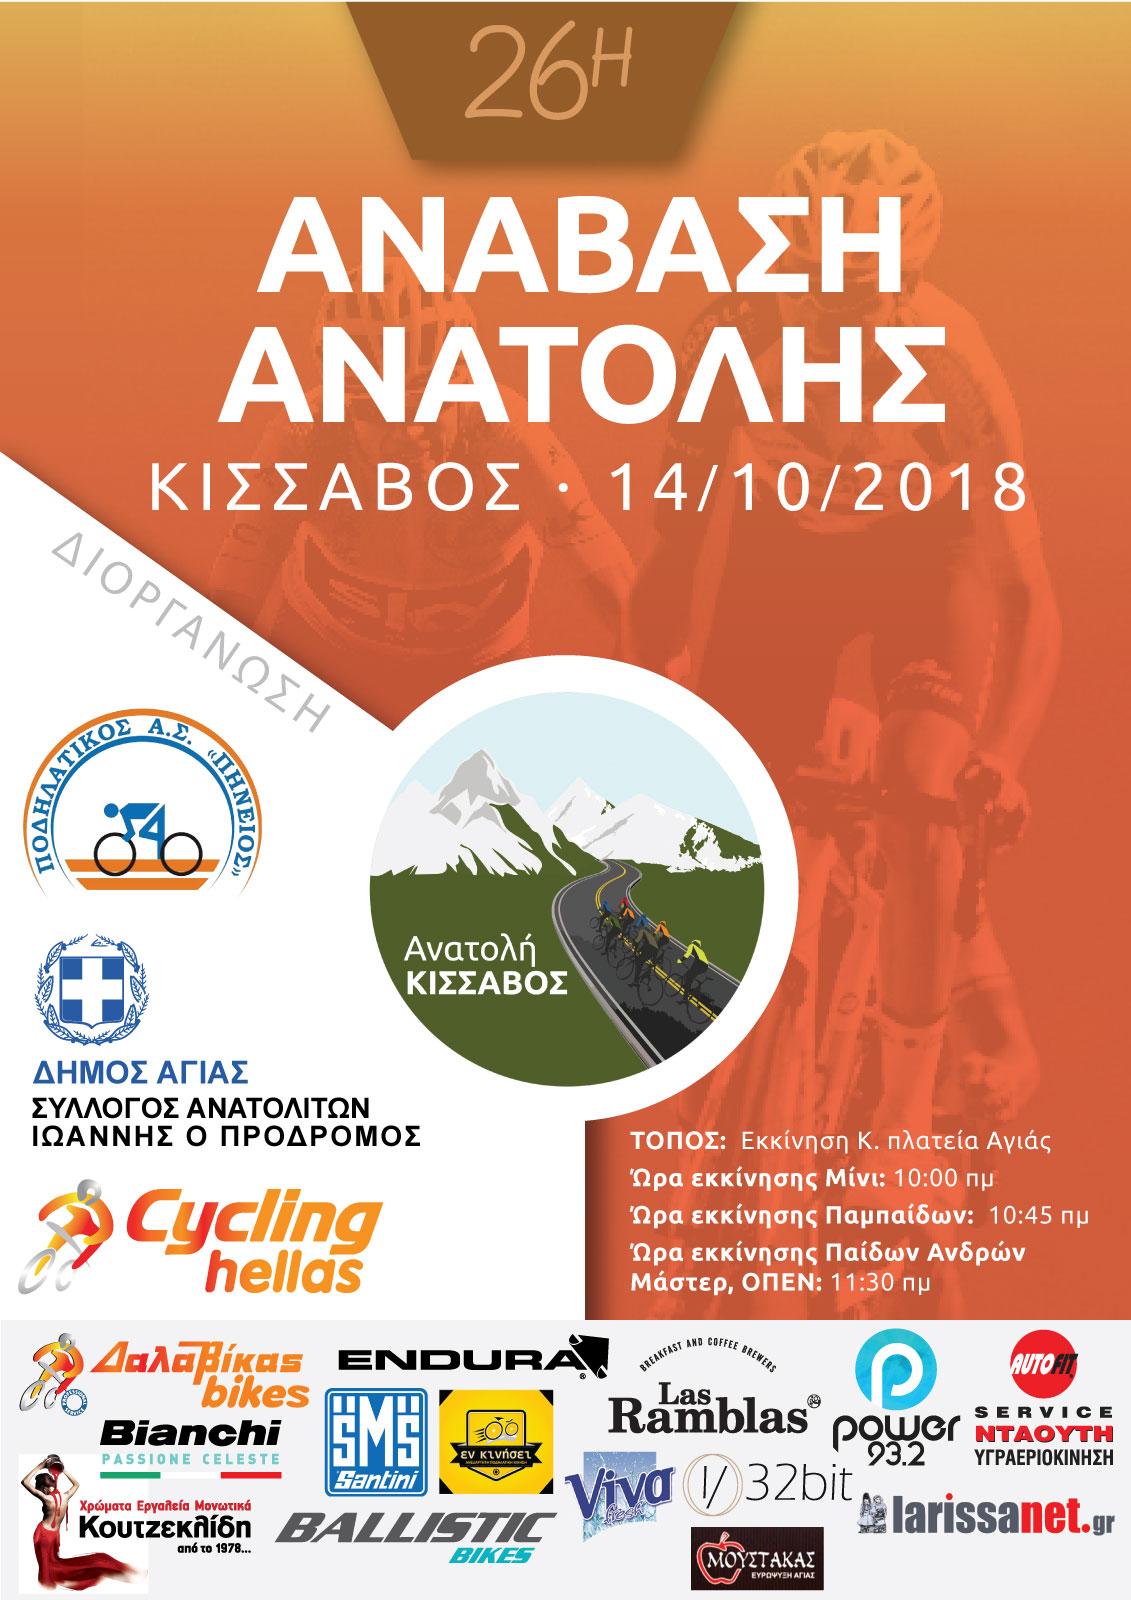 Δελτίο Τύπου 26η Ανάβαση Ανατολής 2018 (Κίσσαβος)